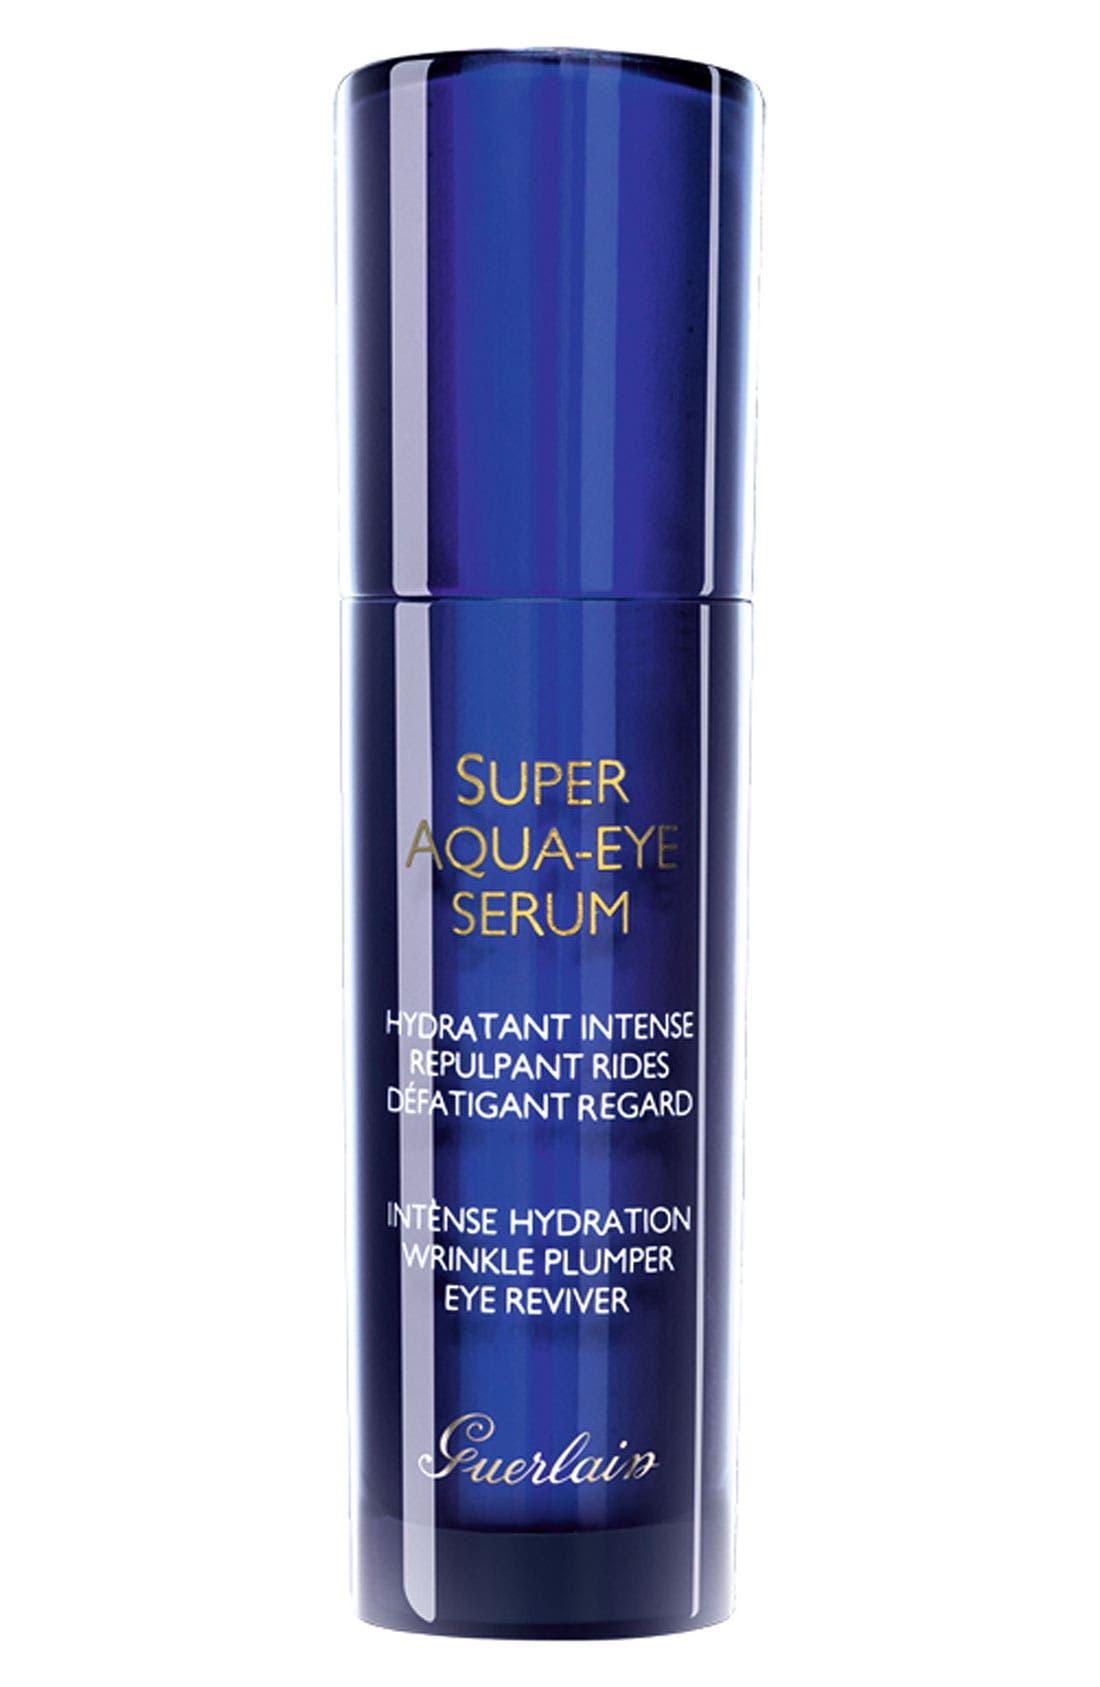 Guerlain 'Super Aqua-Eye' Serum